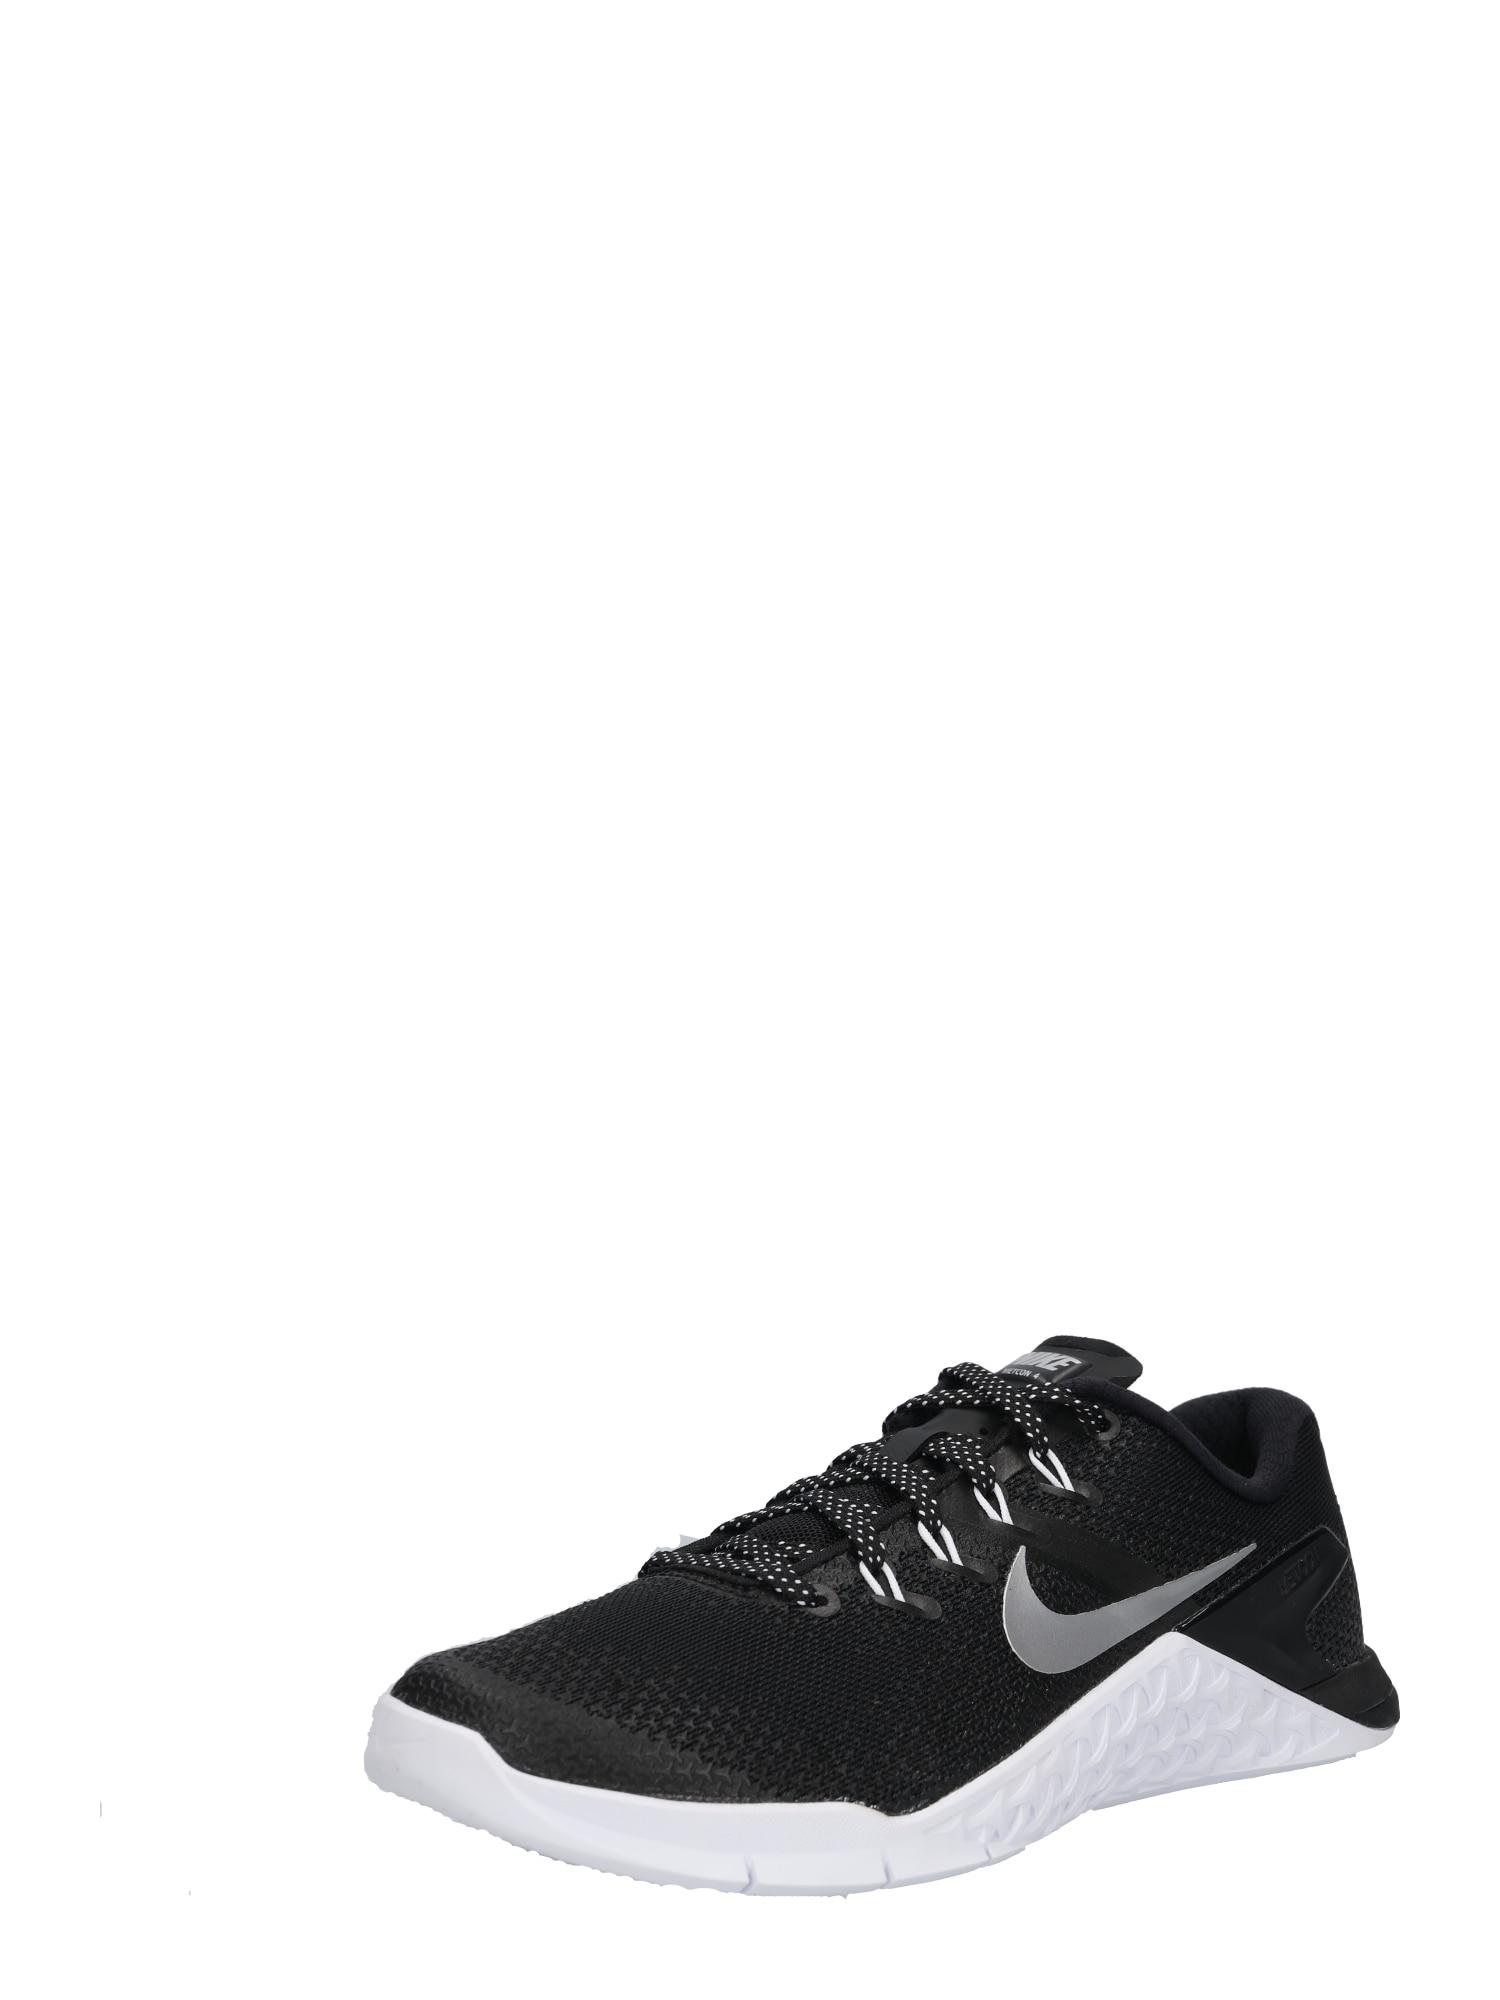 Sportovní boty Metcon 4 černá stříbrná NIKE